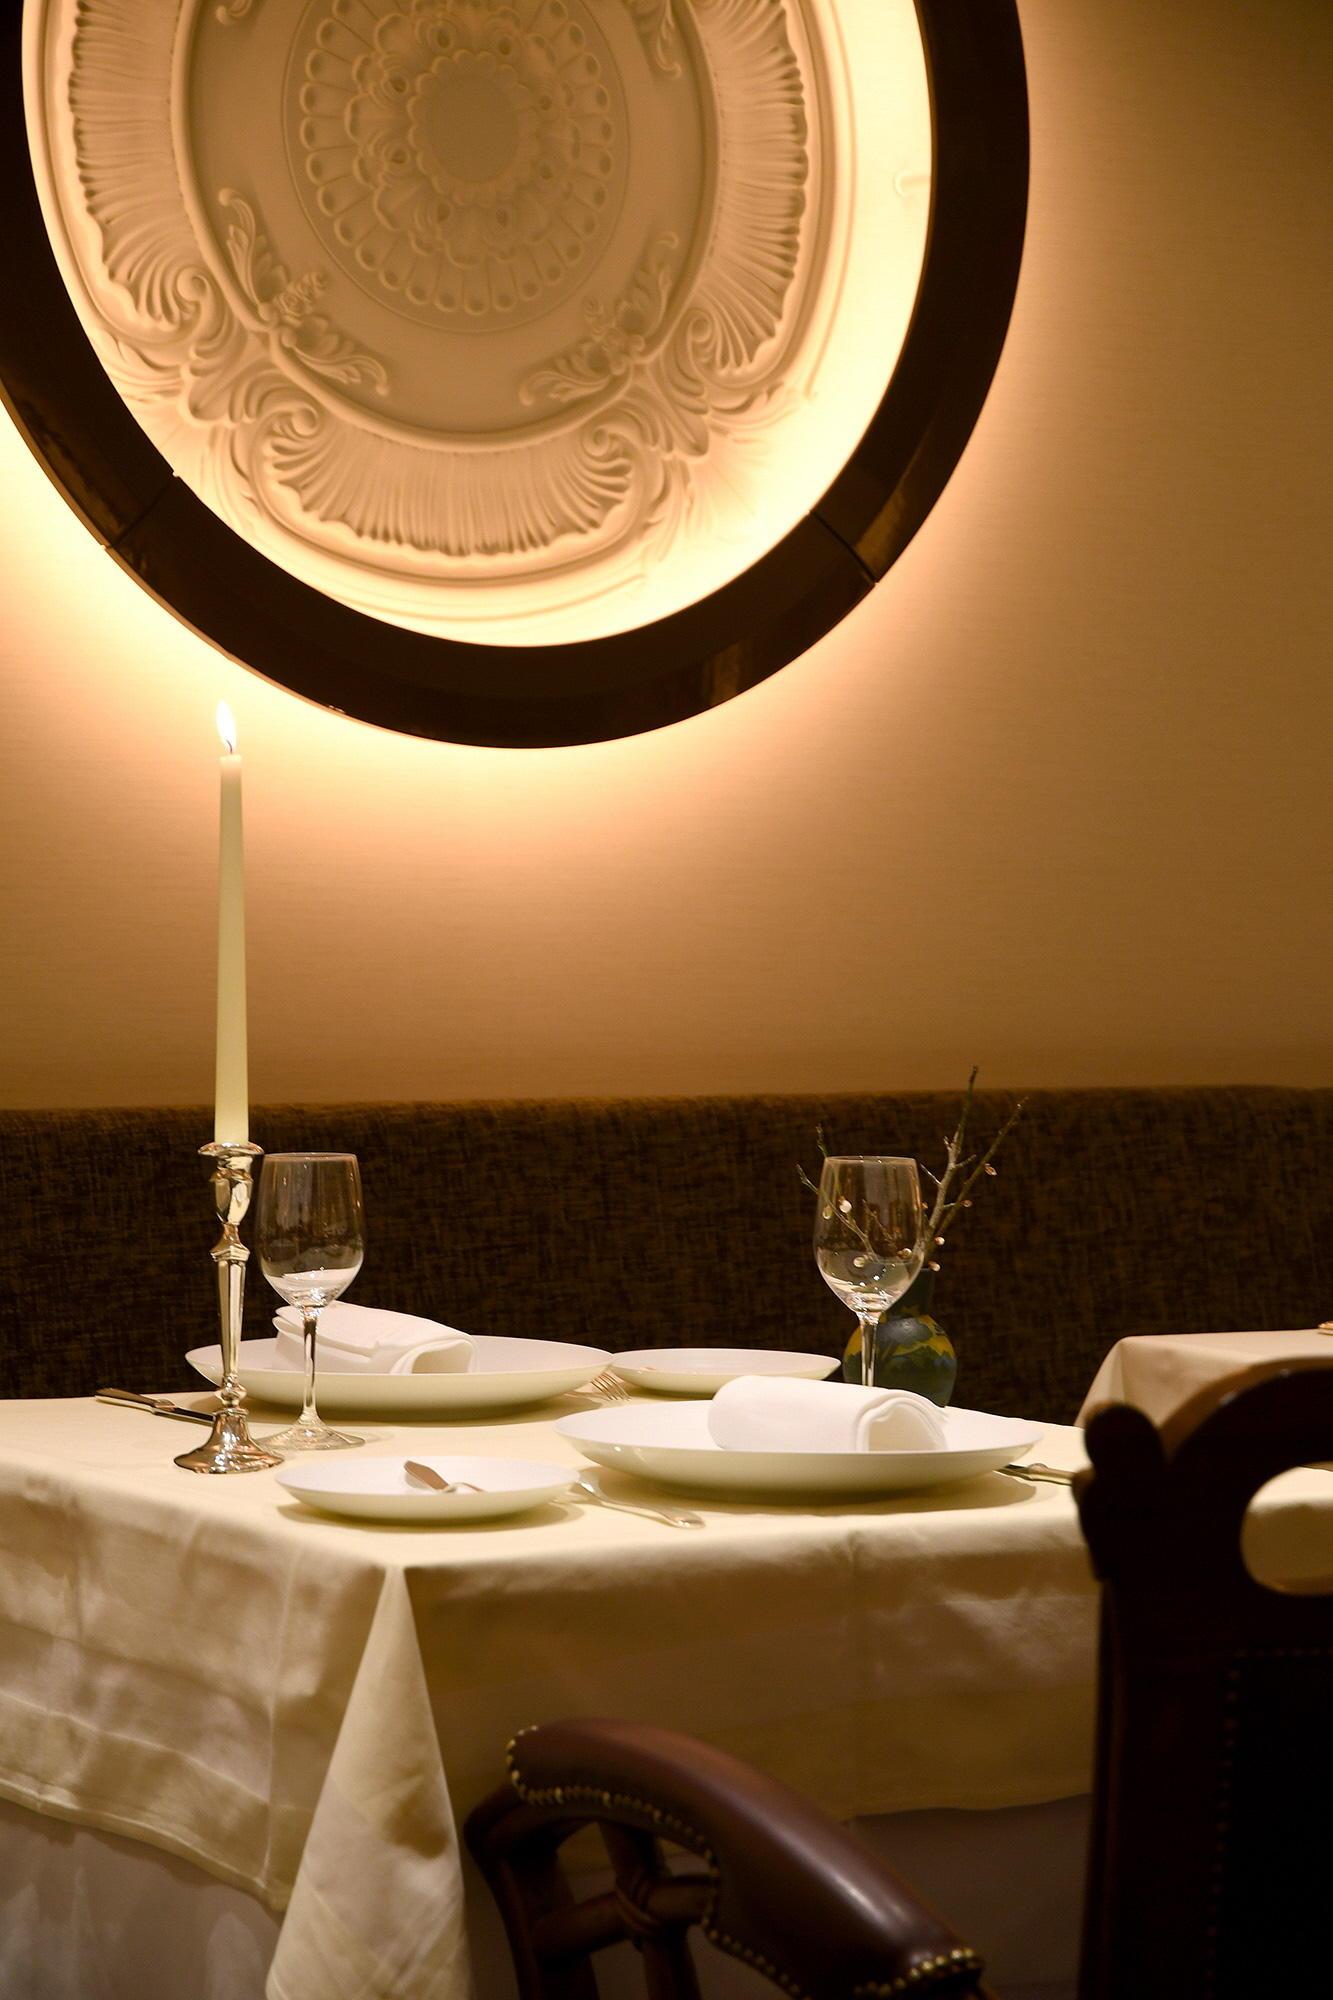 レストランひらまつ博多の掲載画像5